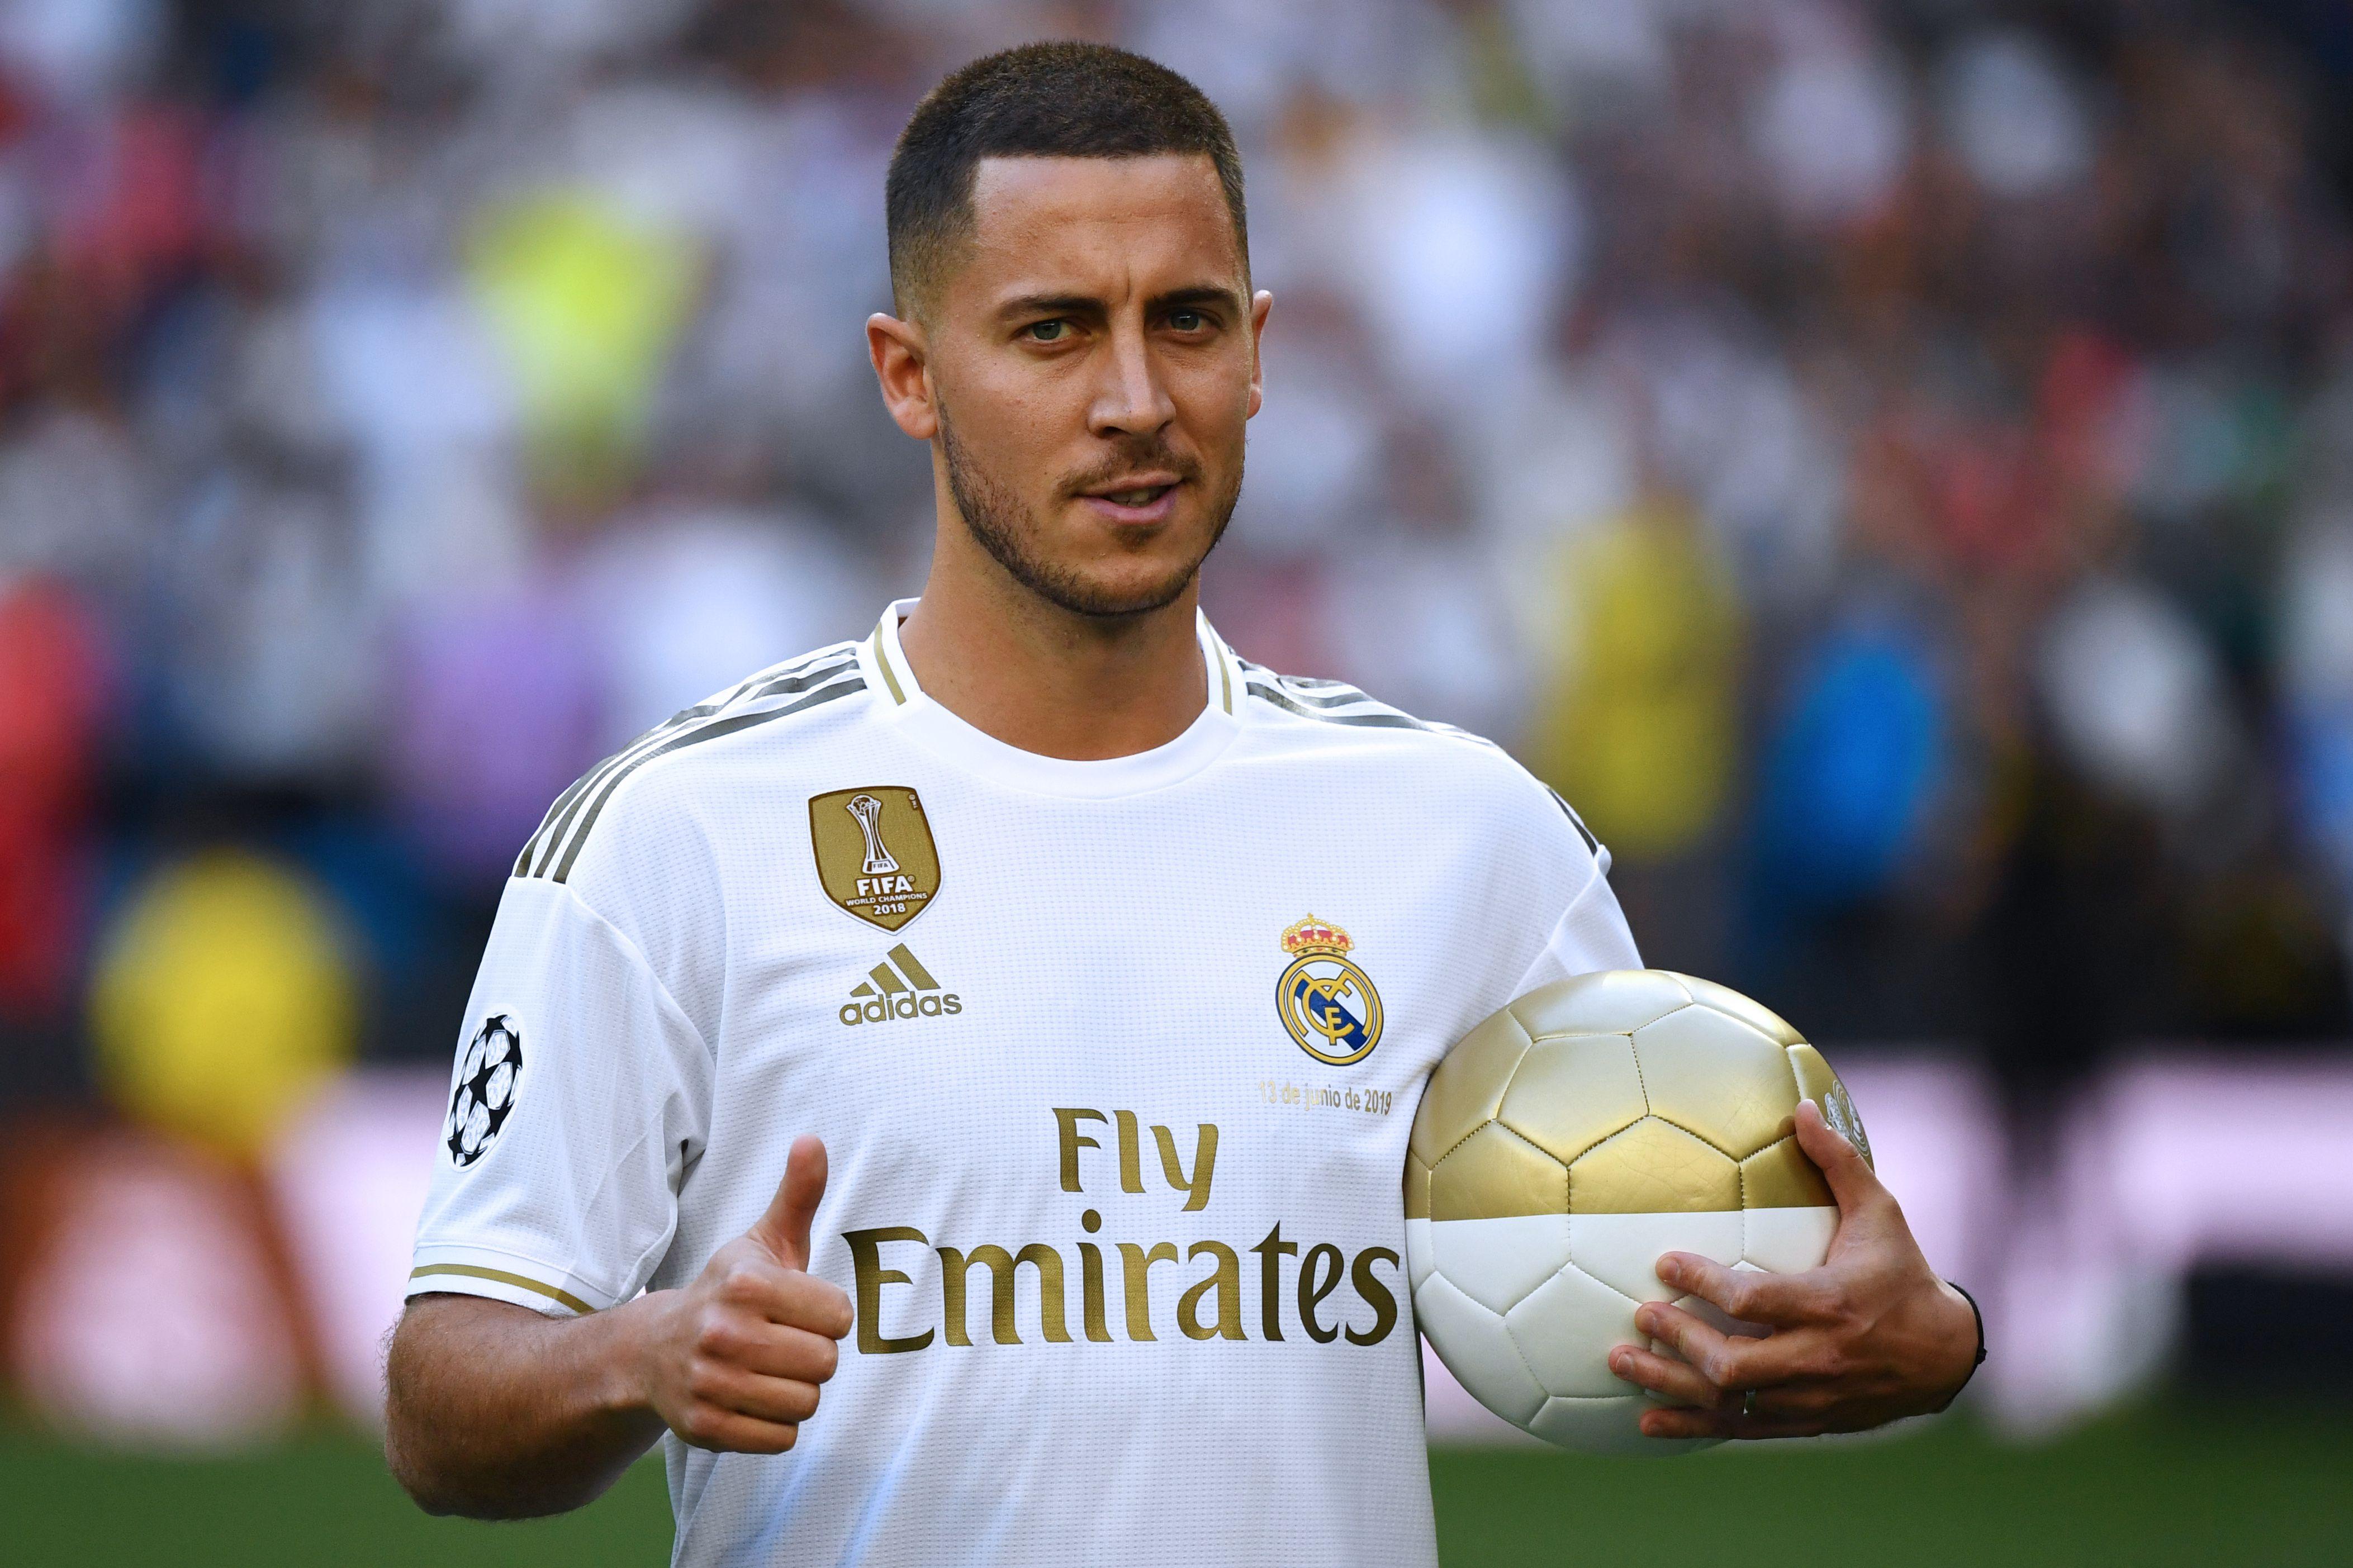 Real Madrid, les premiers mots d'Eden Hazard